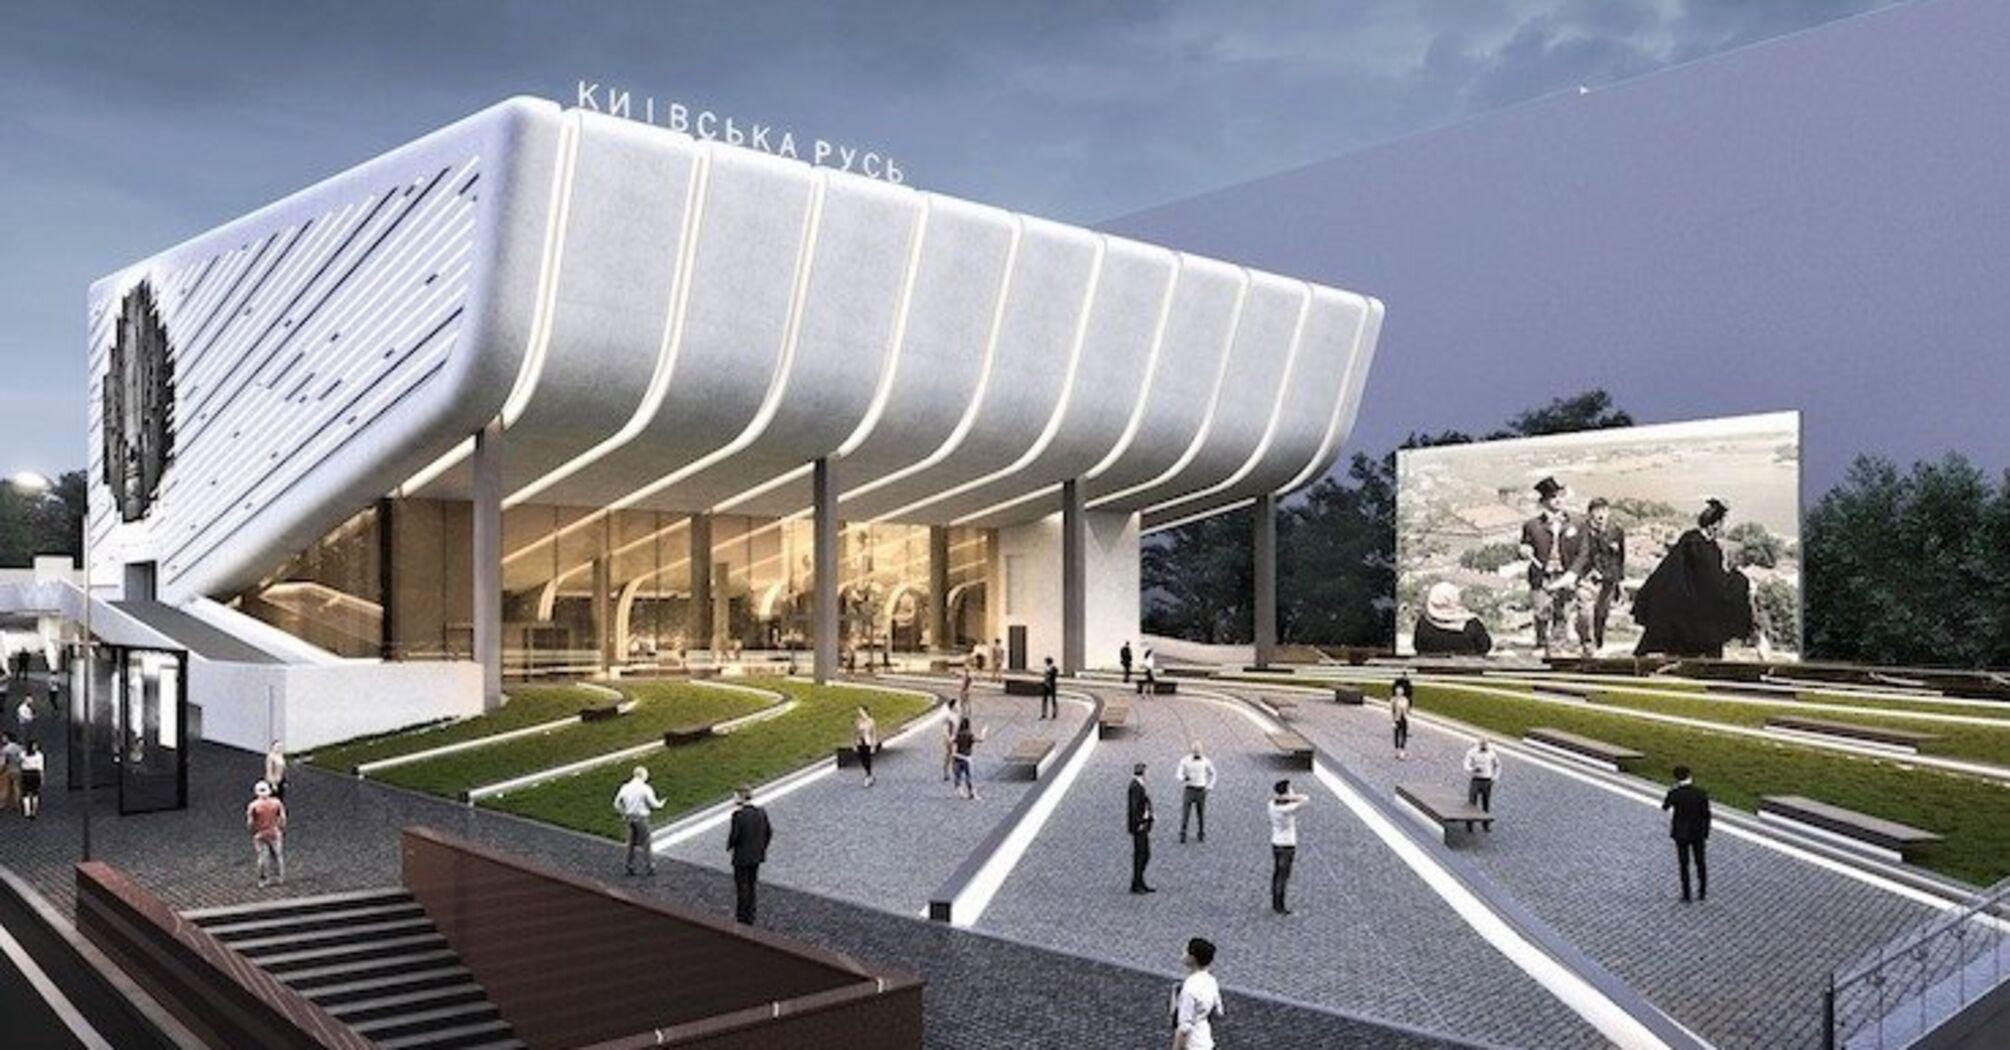 """Как будет выглядеть кинотеатр """"Киевская Русь"""" после капитального ремонта?"""